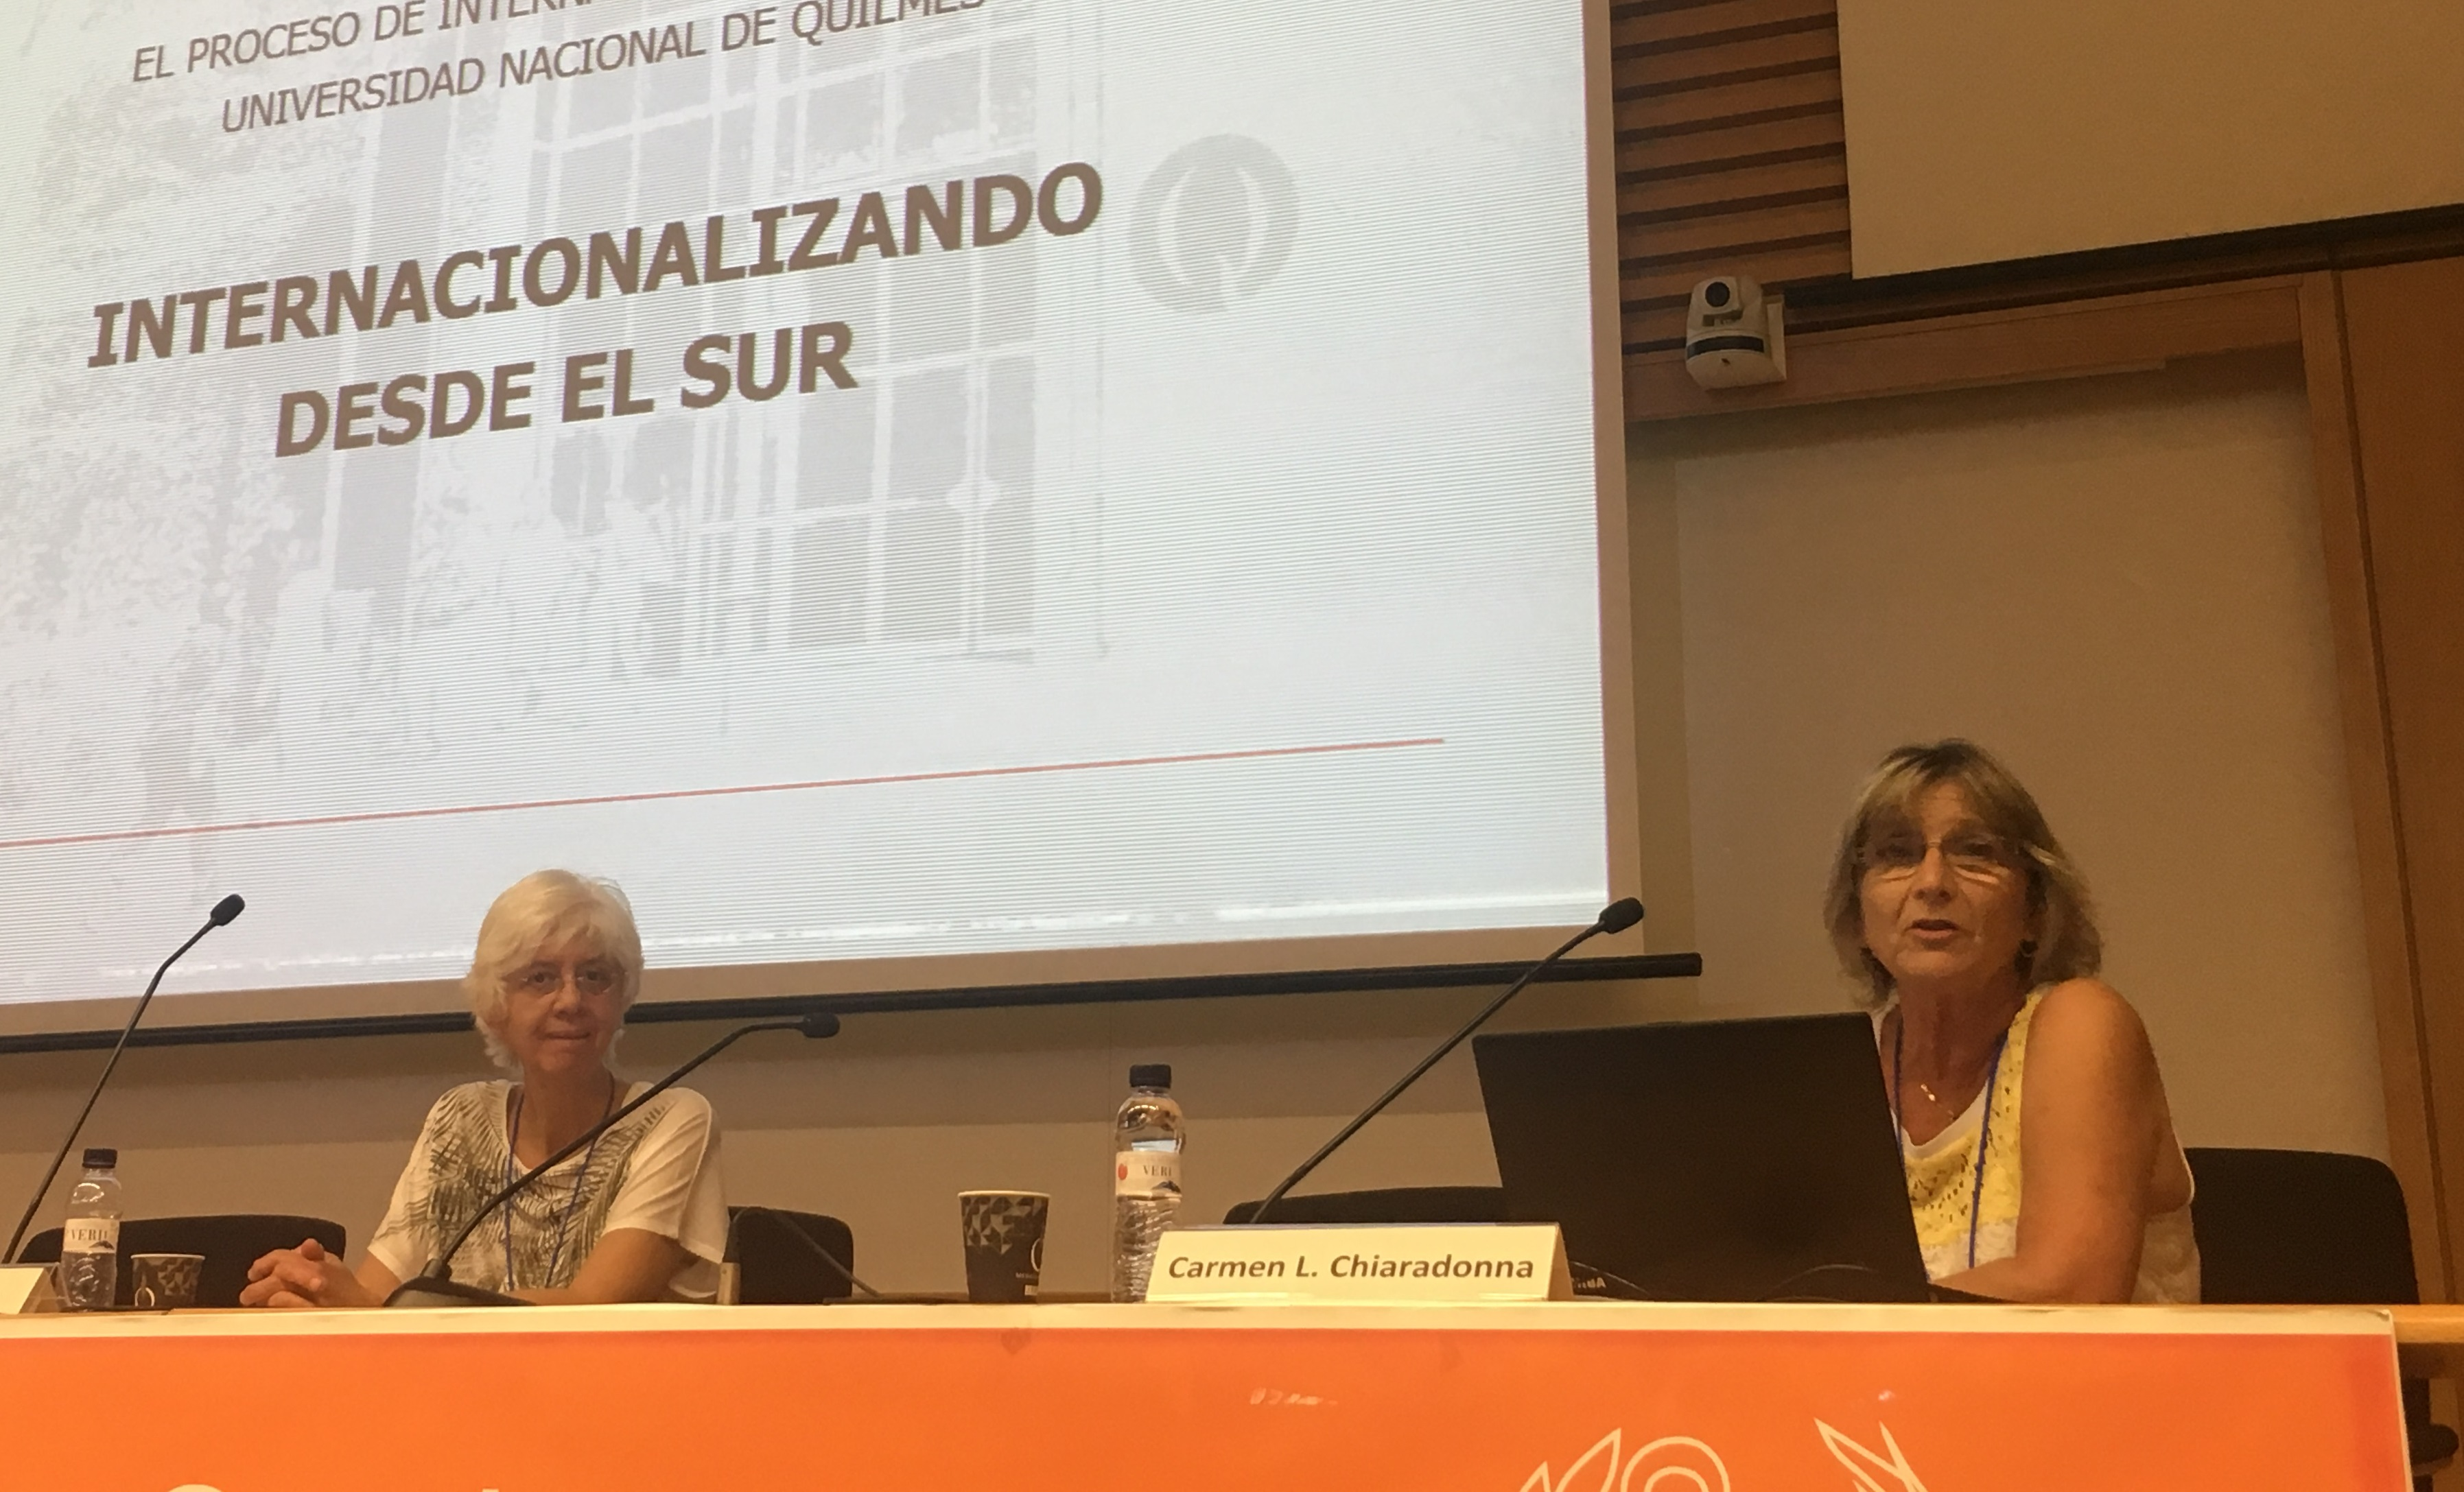 """III Seminario Internacional. """"La Internacionalización de la Universidad: Asunto de Desarrollo Estratégico y Diferenciación Institucional"""""""